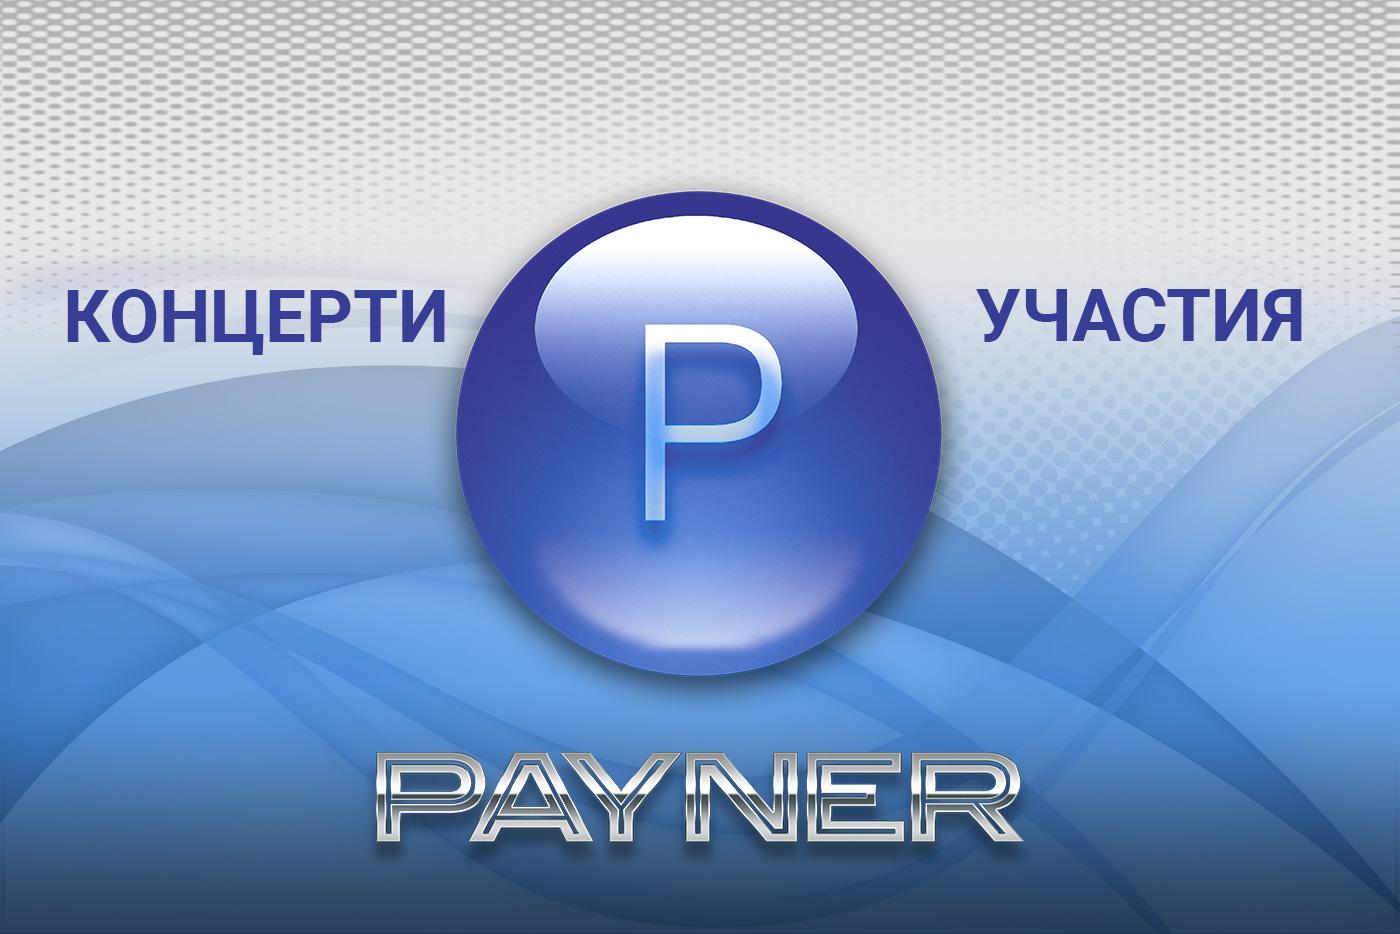 """Участия на звездите на """"Пайнер"""" на 20.08.2018"""